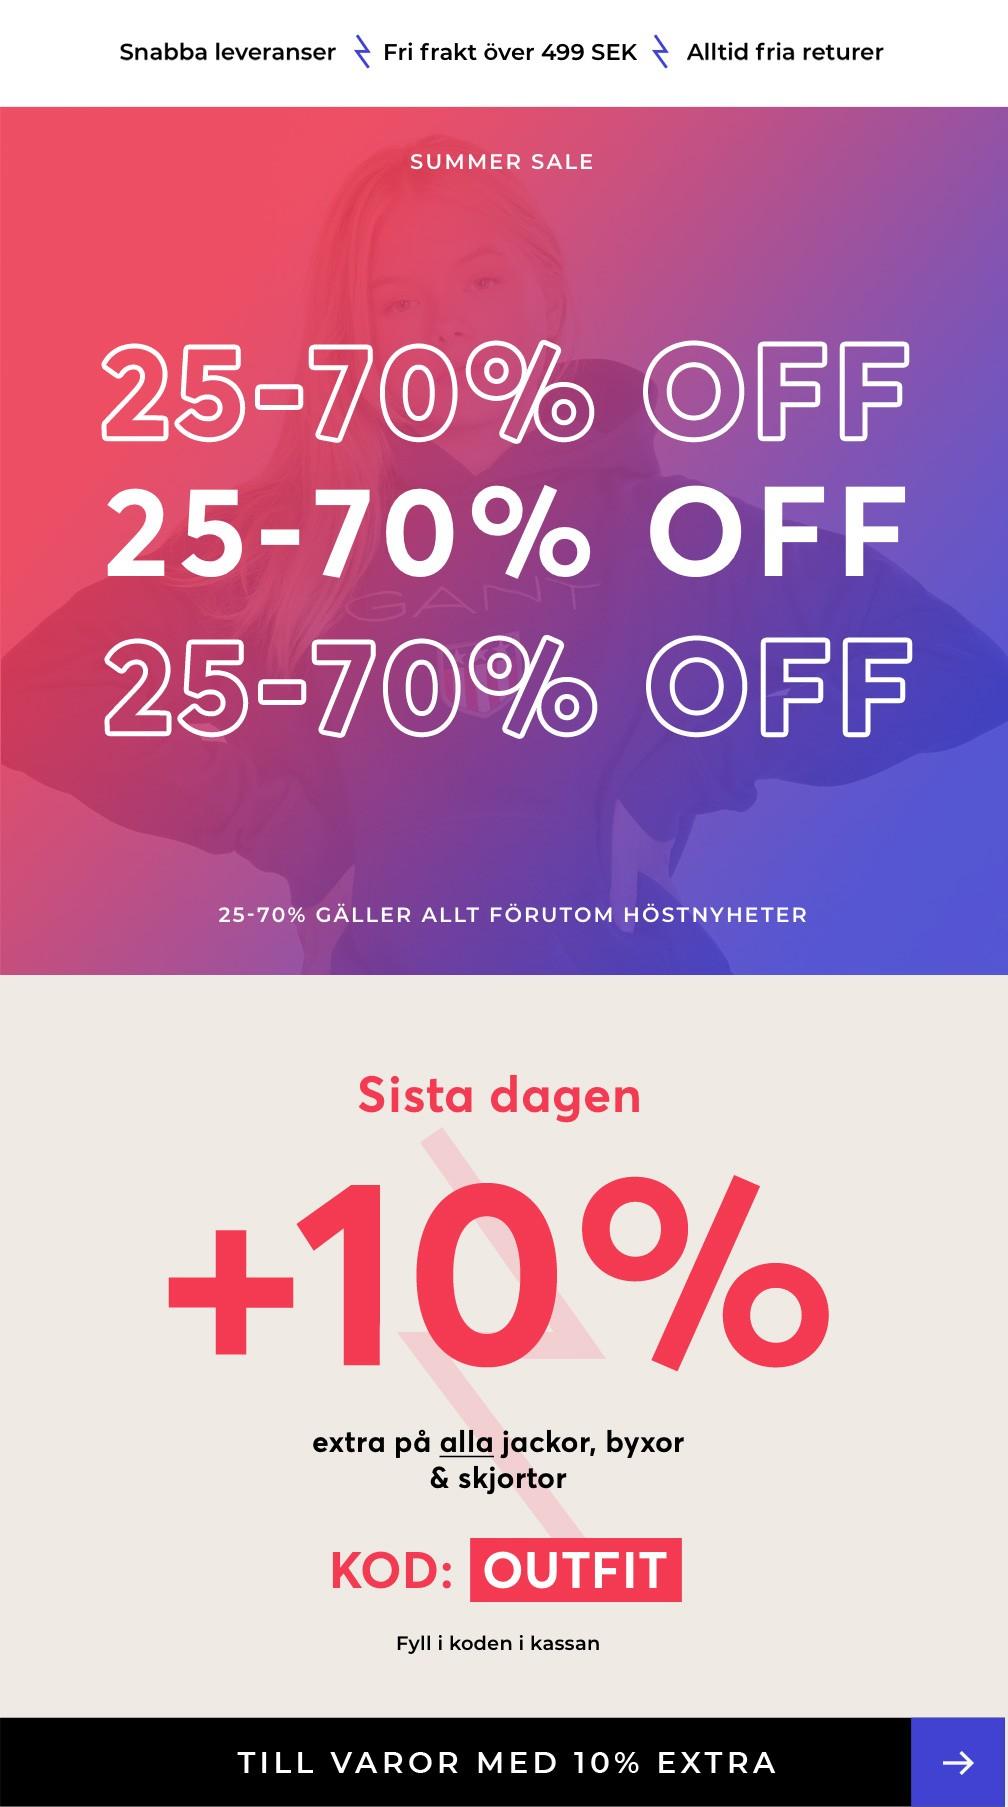 10% EXTRA 3 Sista dagen